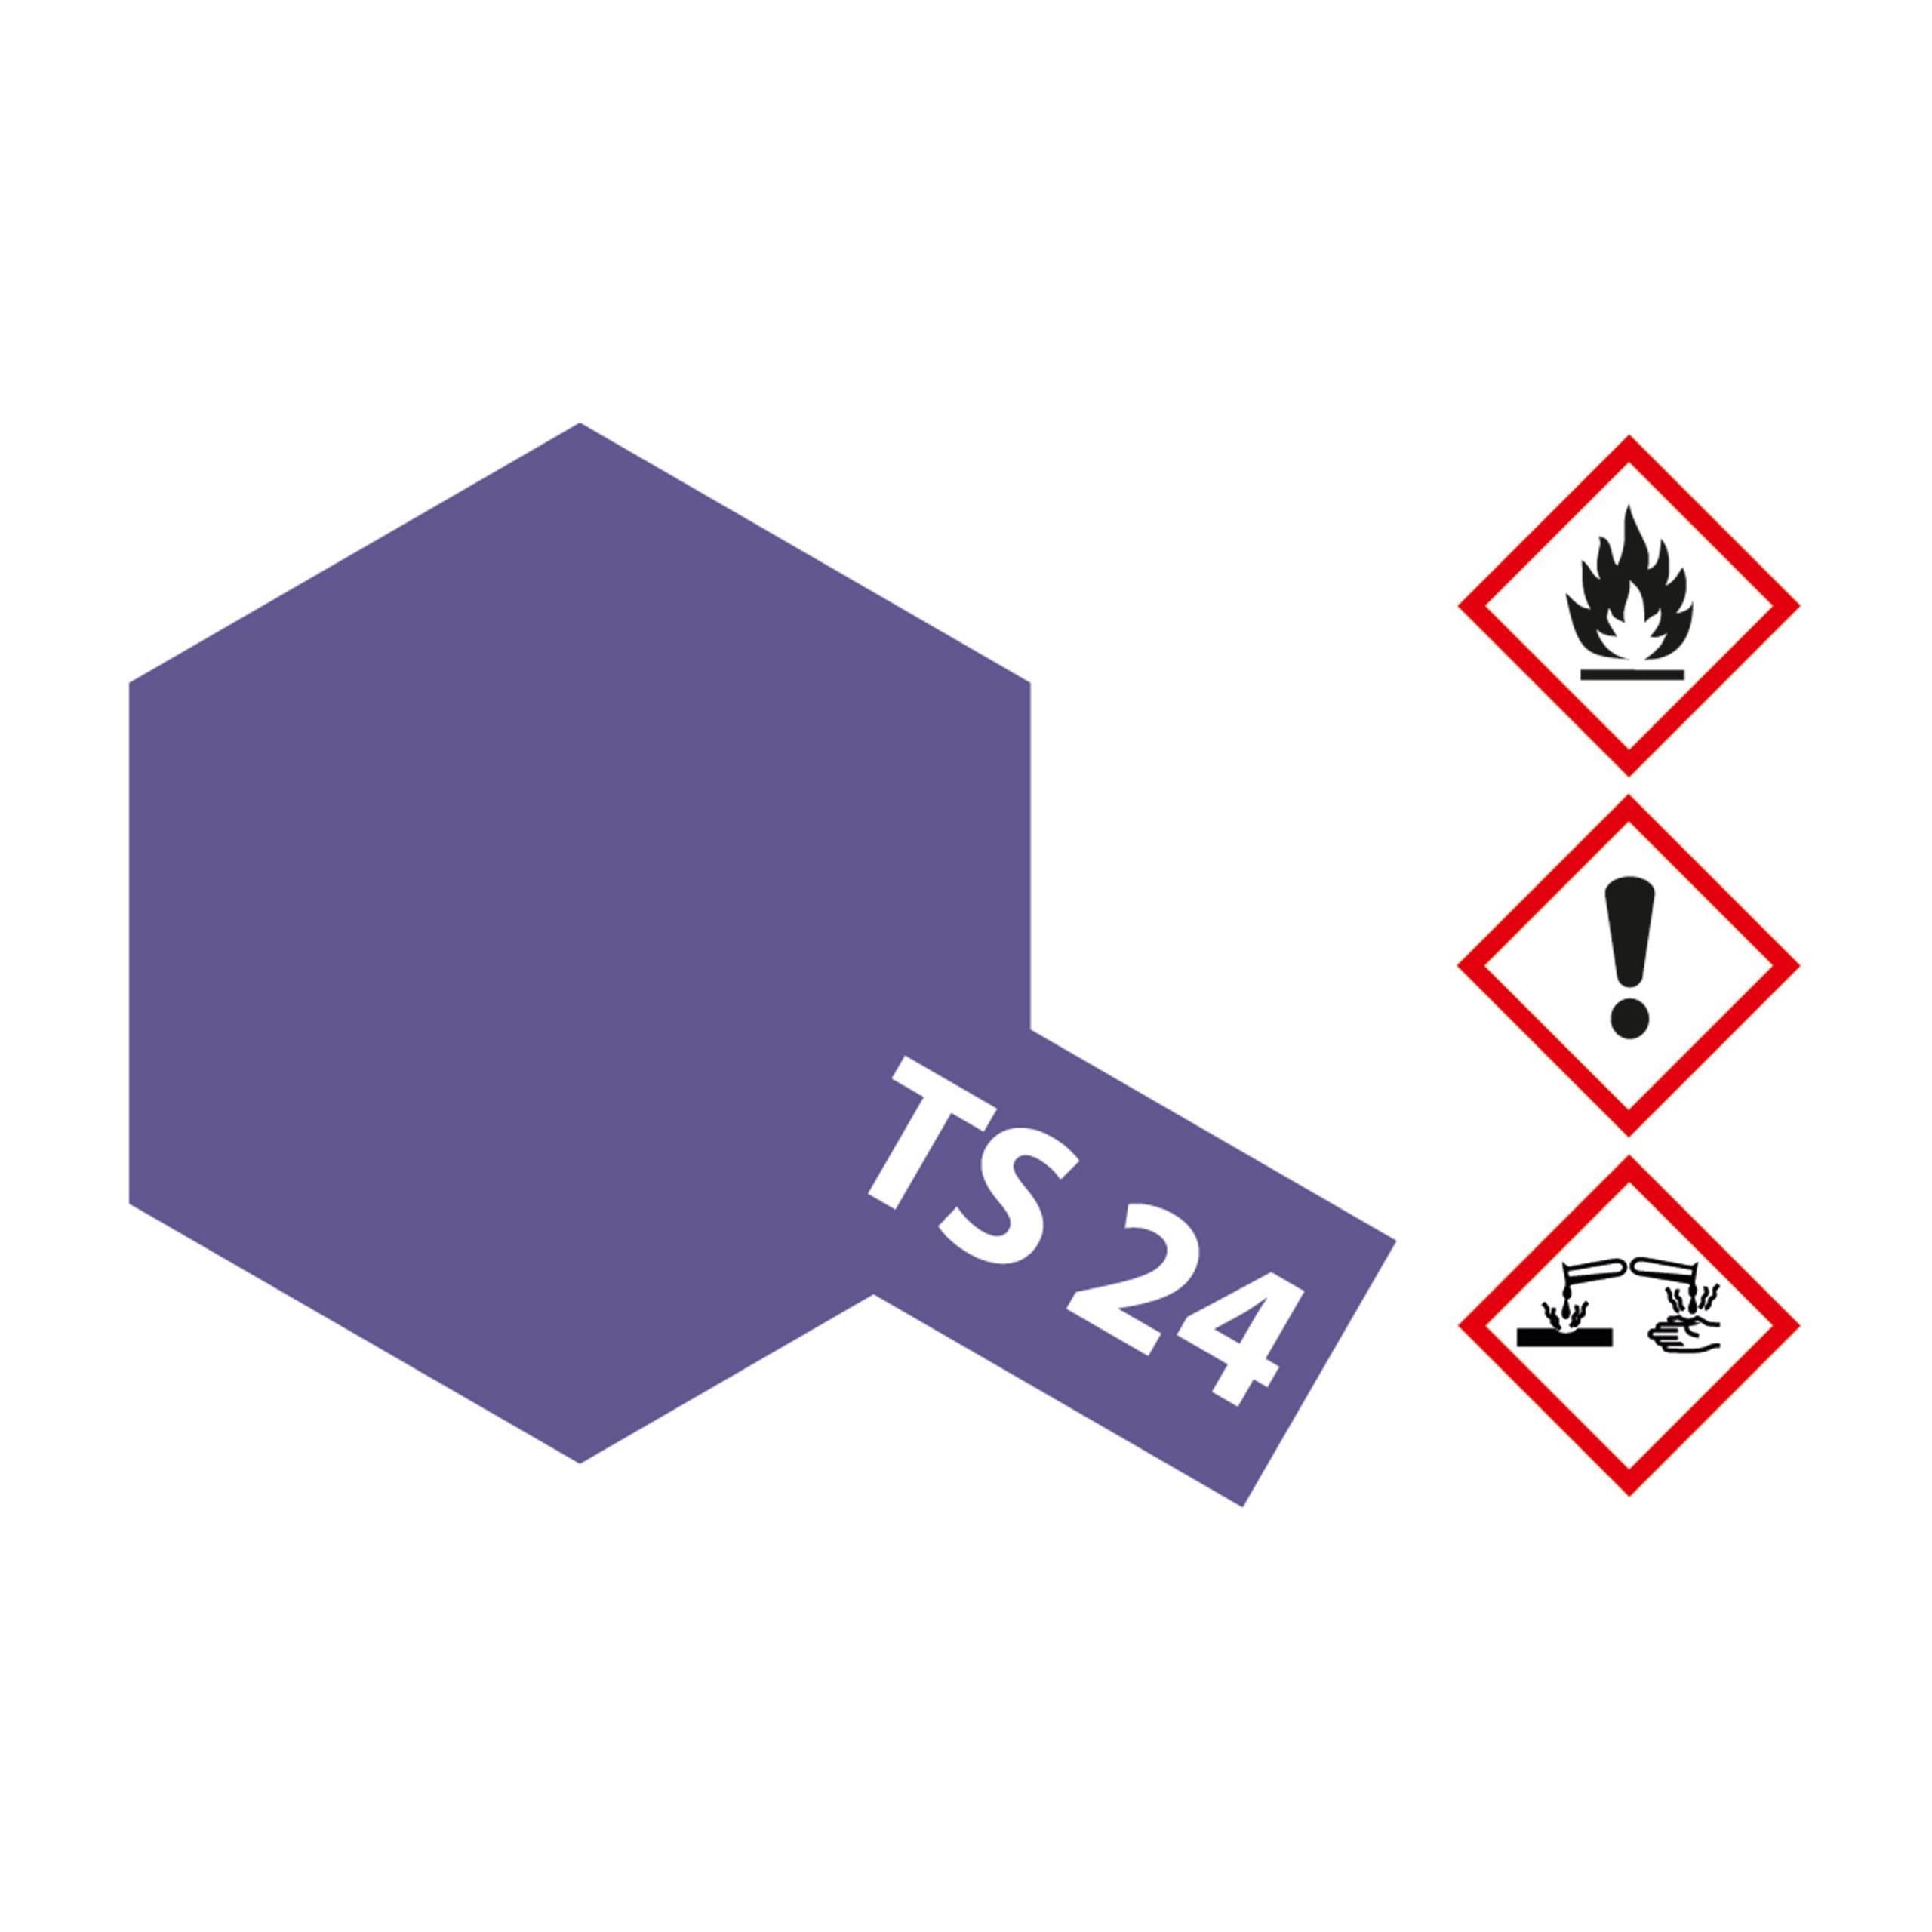 TS-24 Violett glaenzend - 100ml Sprayfarbe Kunstharz Tamiya 300085024